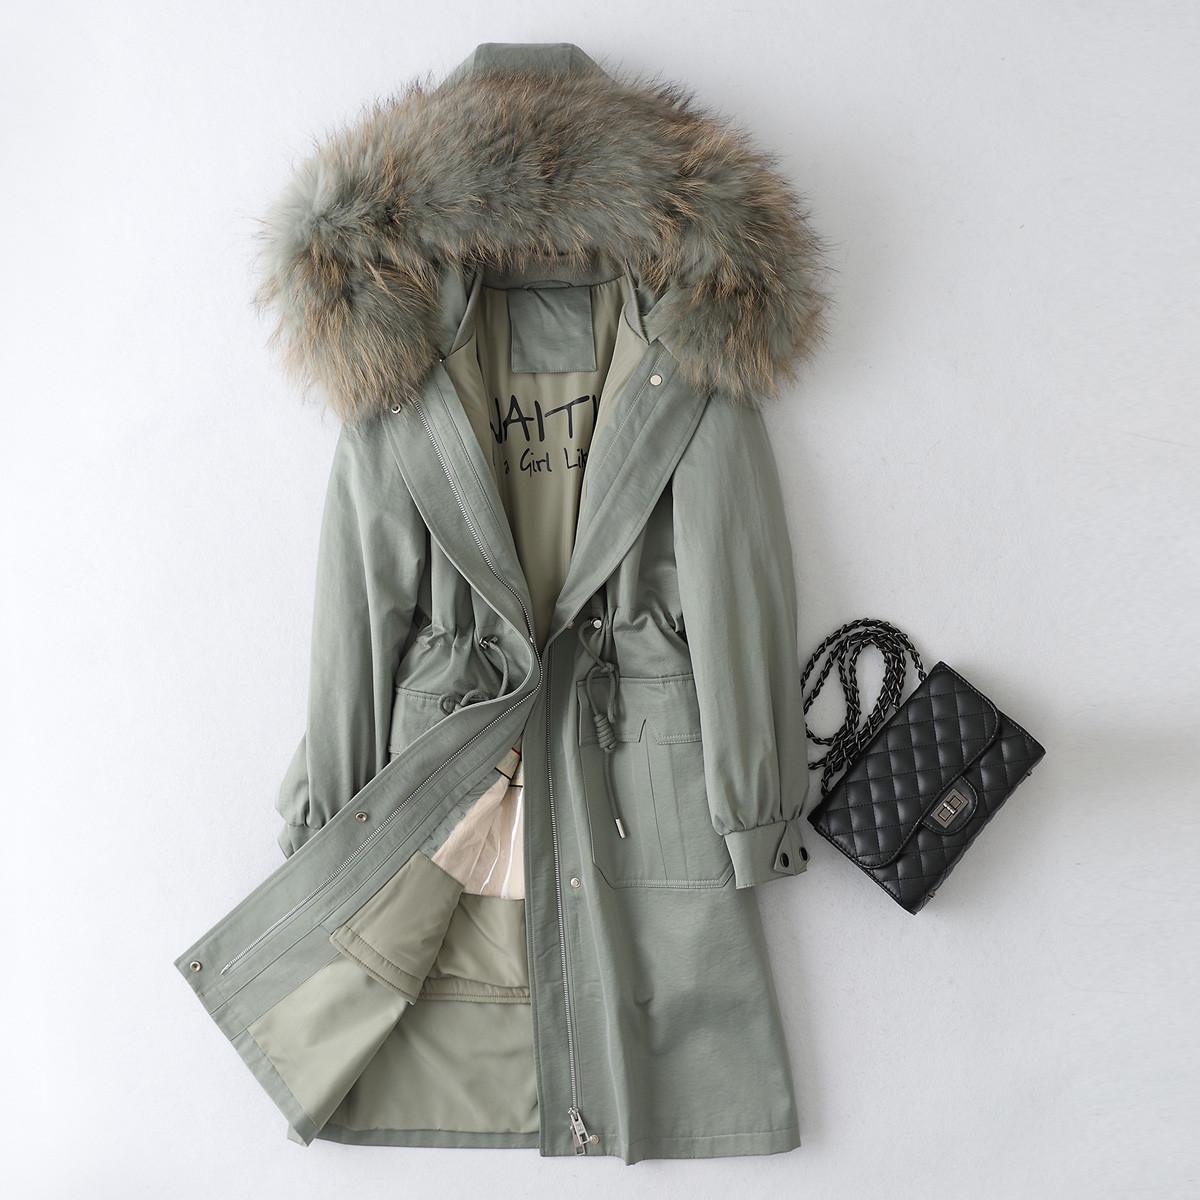 飞拉丹顿冬季长款个性可拆卸獭兔毛内胆配貉子毛领女式派克服外套MN11F019W05